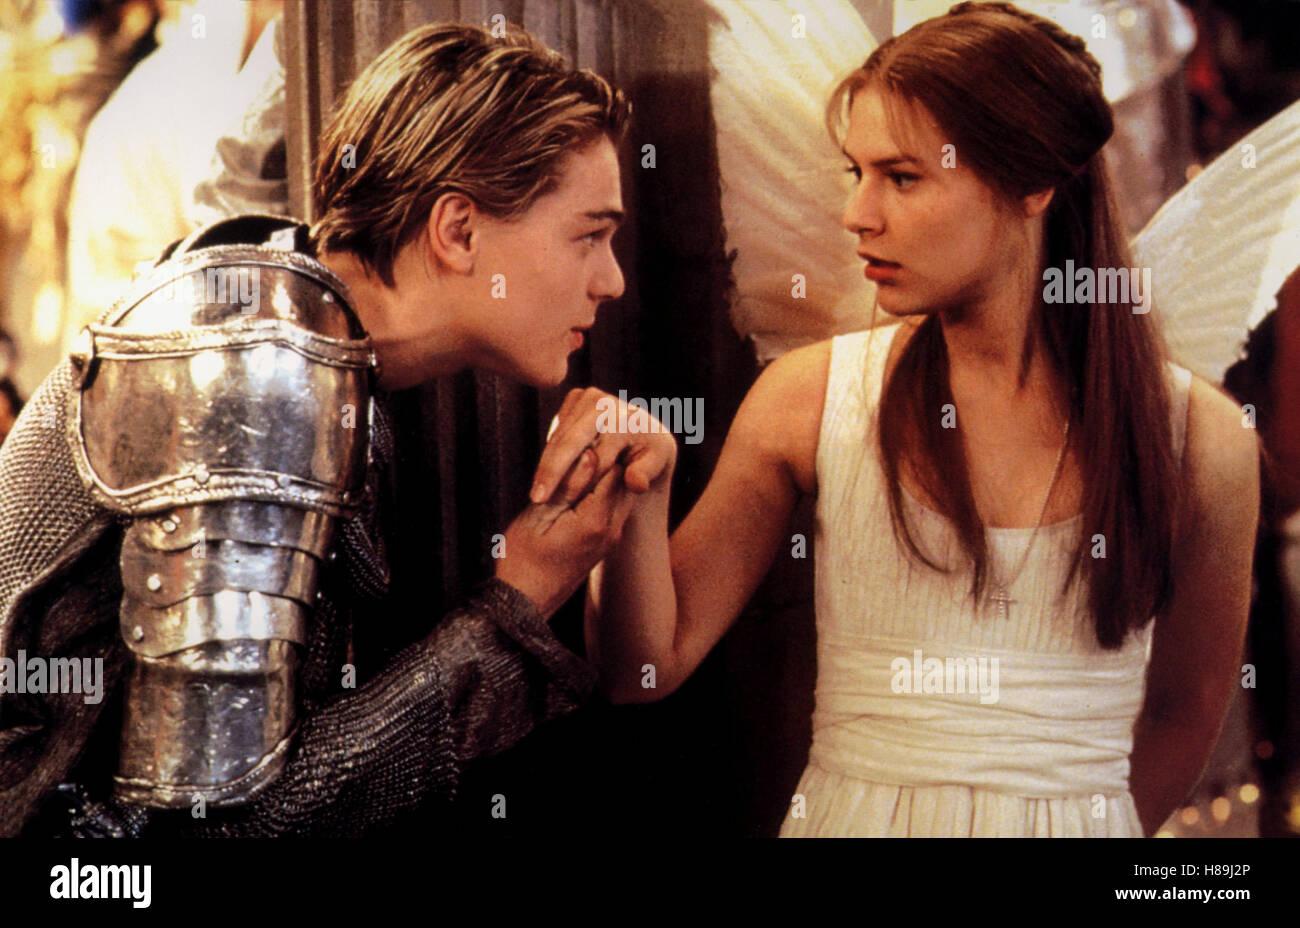 Citaten Uit Romeo En Julia : Citaten romeo en julia de officiële website van